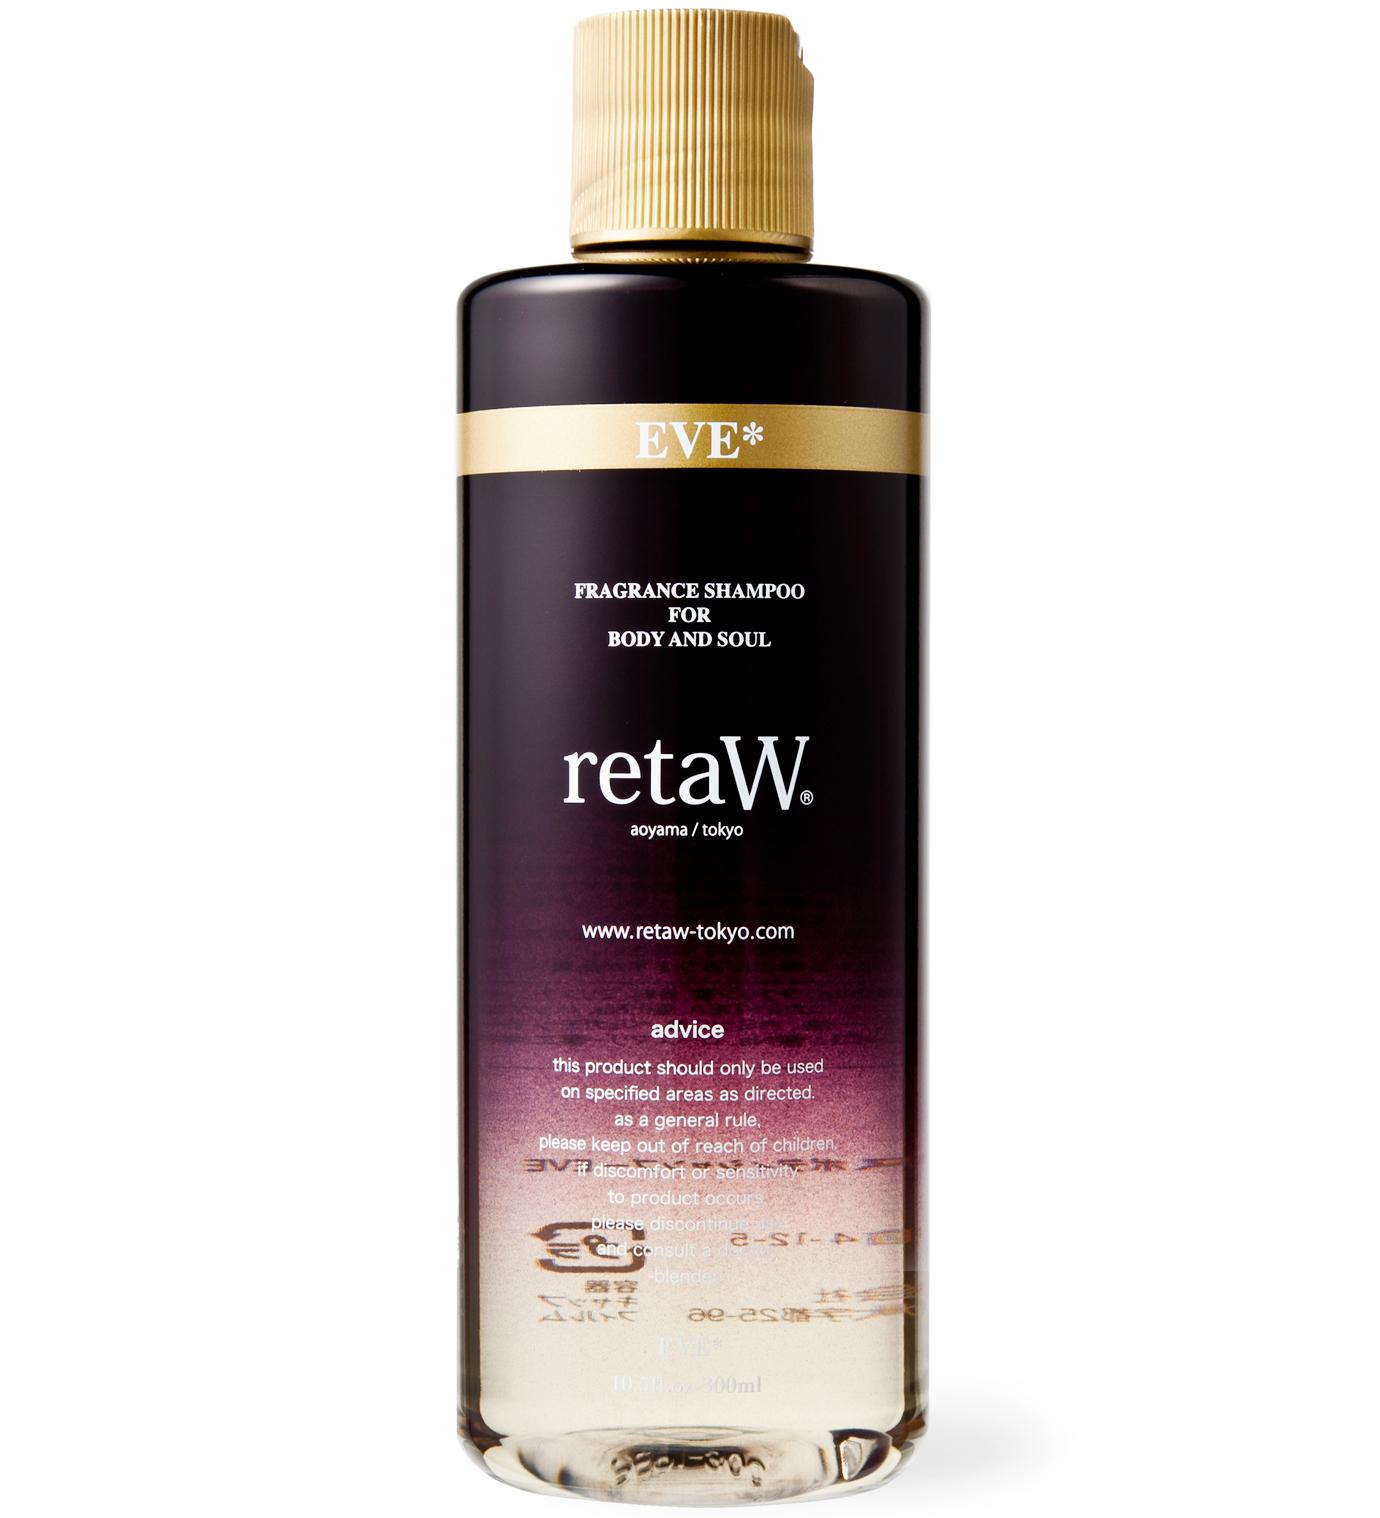 Retaw Eve Fragrance Body Shampoo